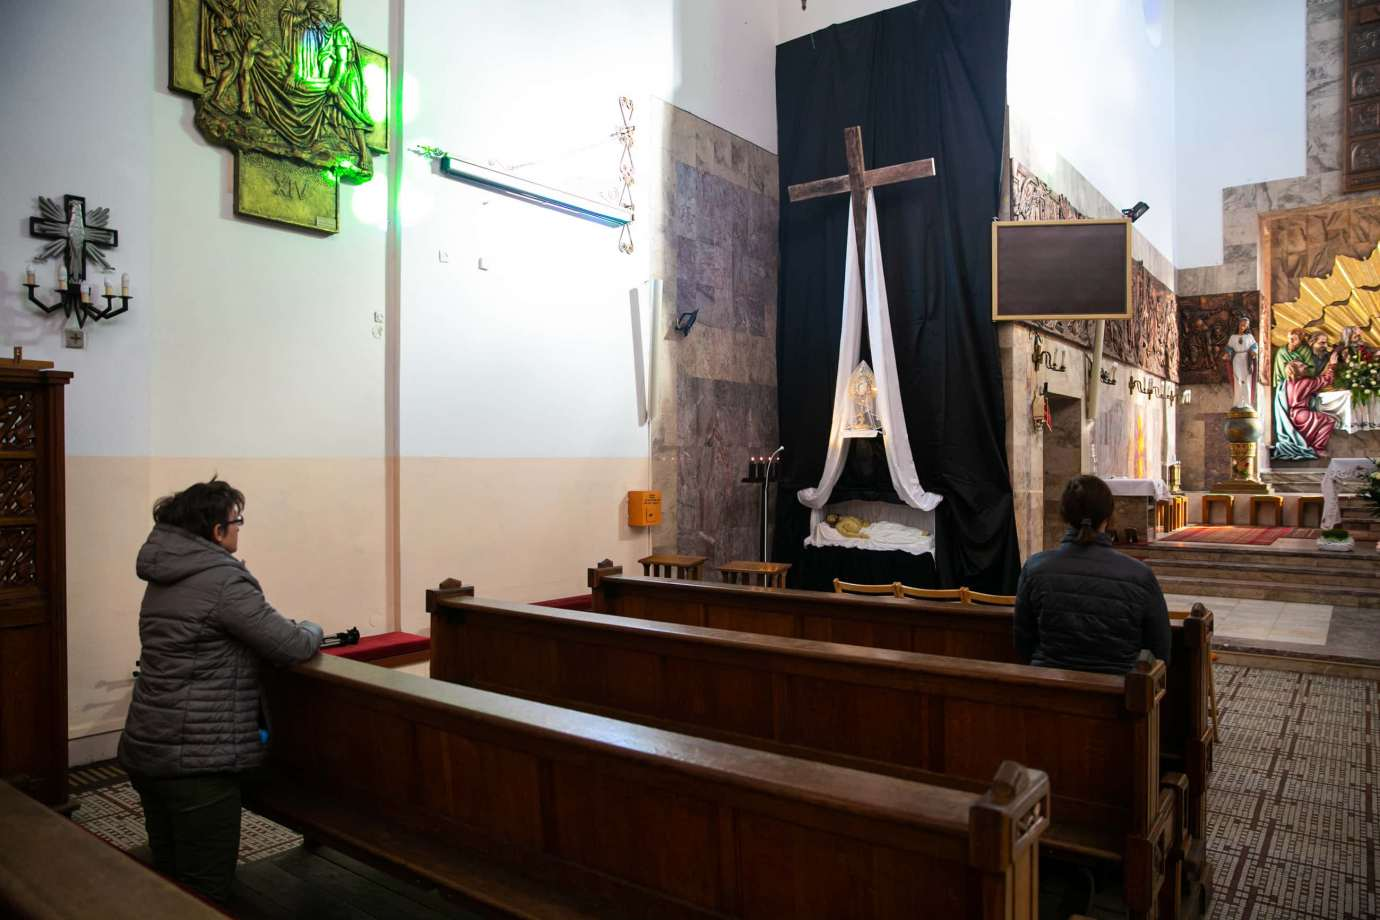 parafia pw swietego krzyza w zamosciu 5 1 Zdjęcia grobów pańskich w zamojskich świątyniach